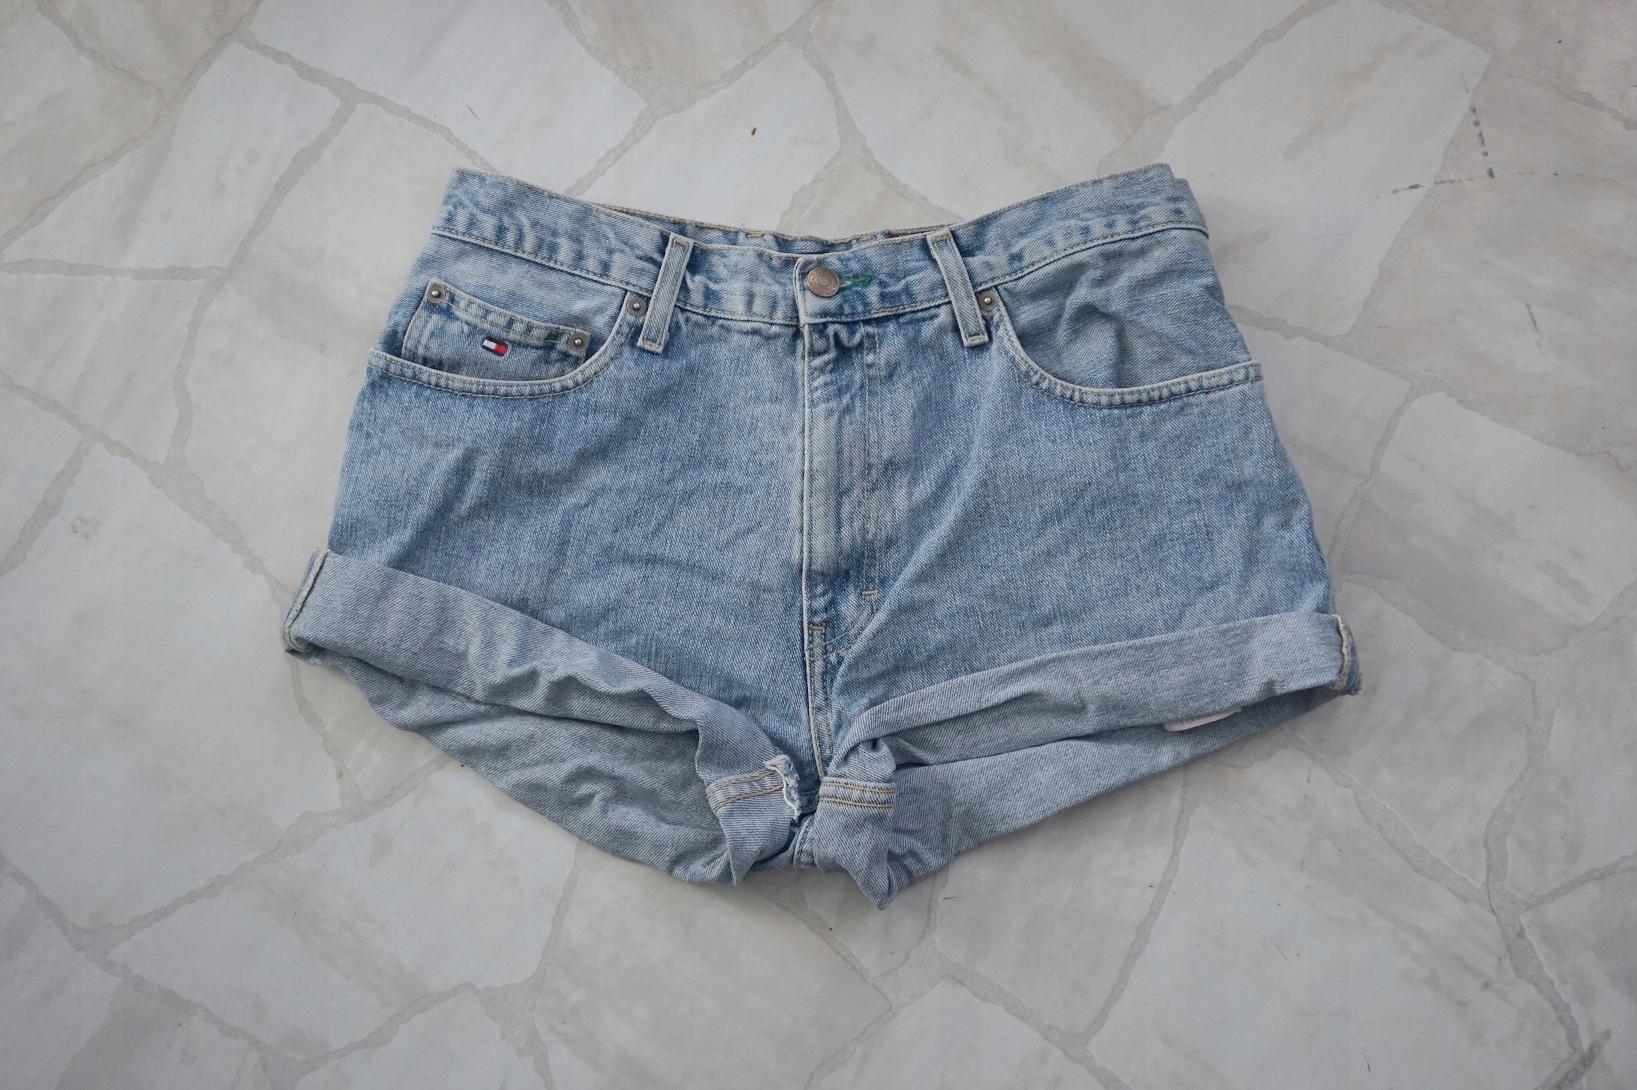 6ba602364b576 Tommy Hilfiger jeansowe szorty L 33/34 - 7503651857 - oficjalne ...